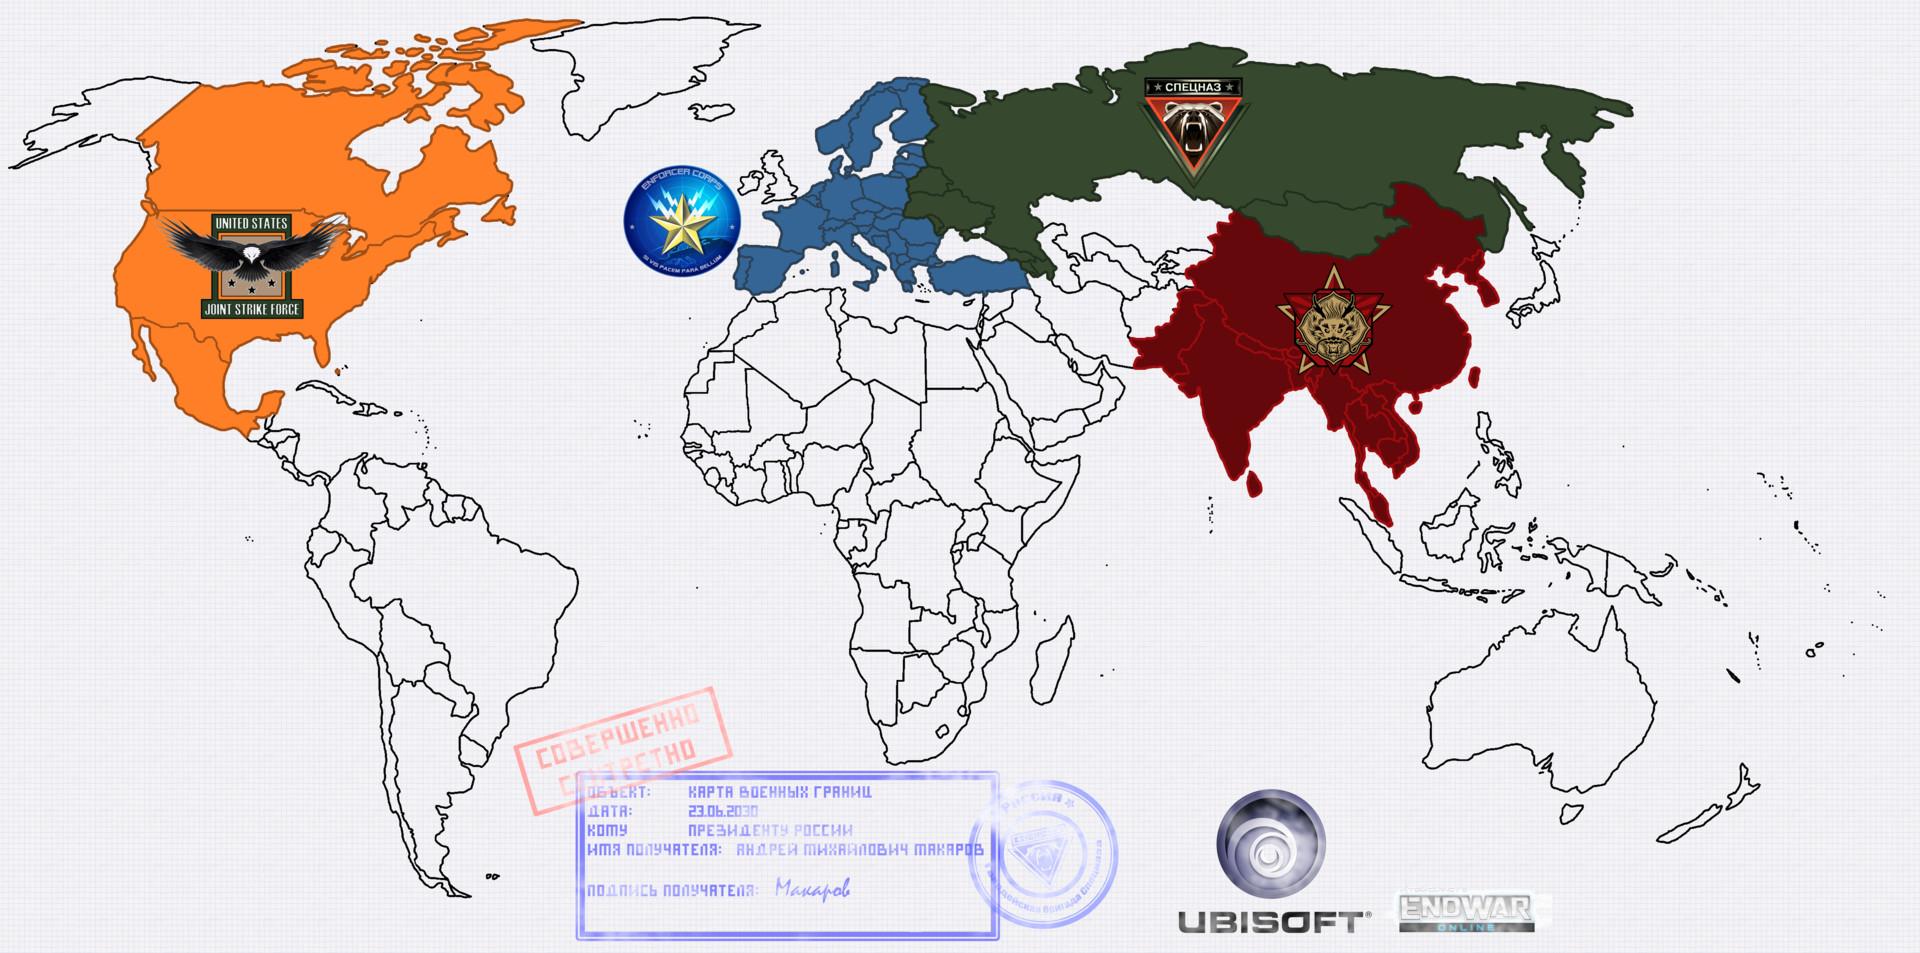 Dimitrij pavlov tom clancys endwar online world map dimitrij pavlov world map blank black lines 4500px monochrome 2 gumiabroncs Images